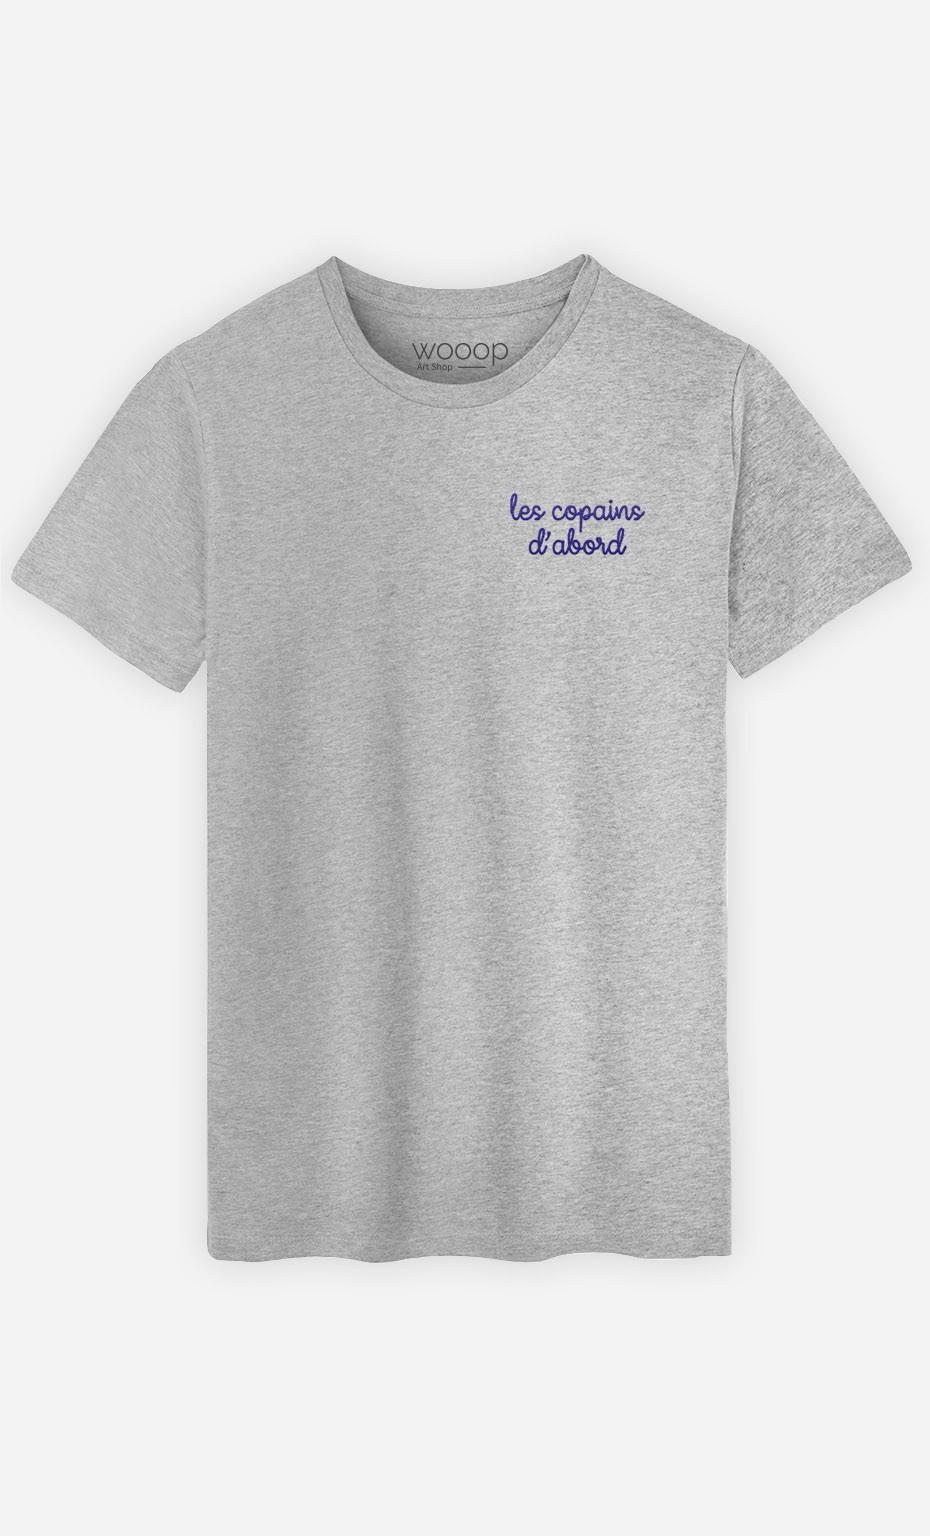 T-shirt Les copains d'abord - brodé